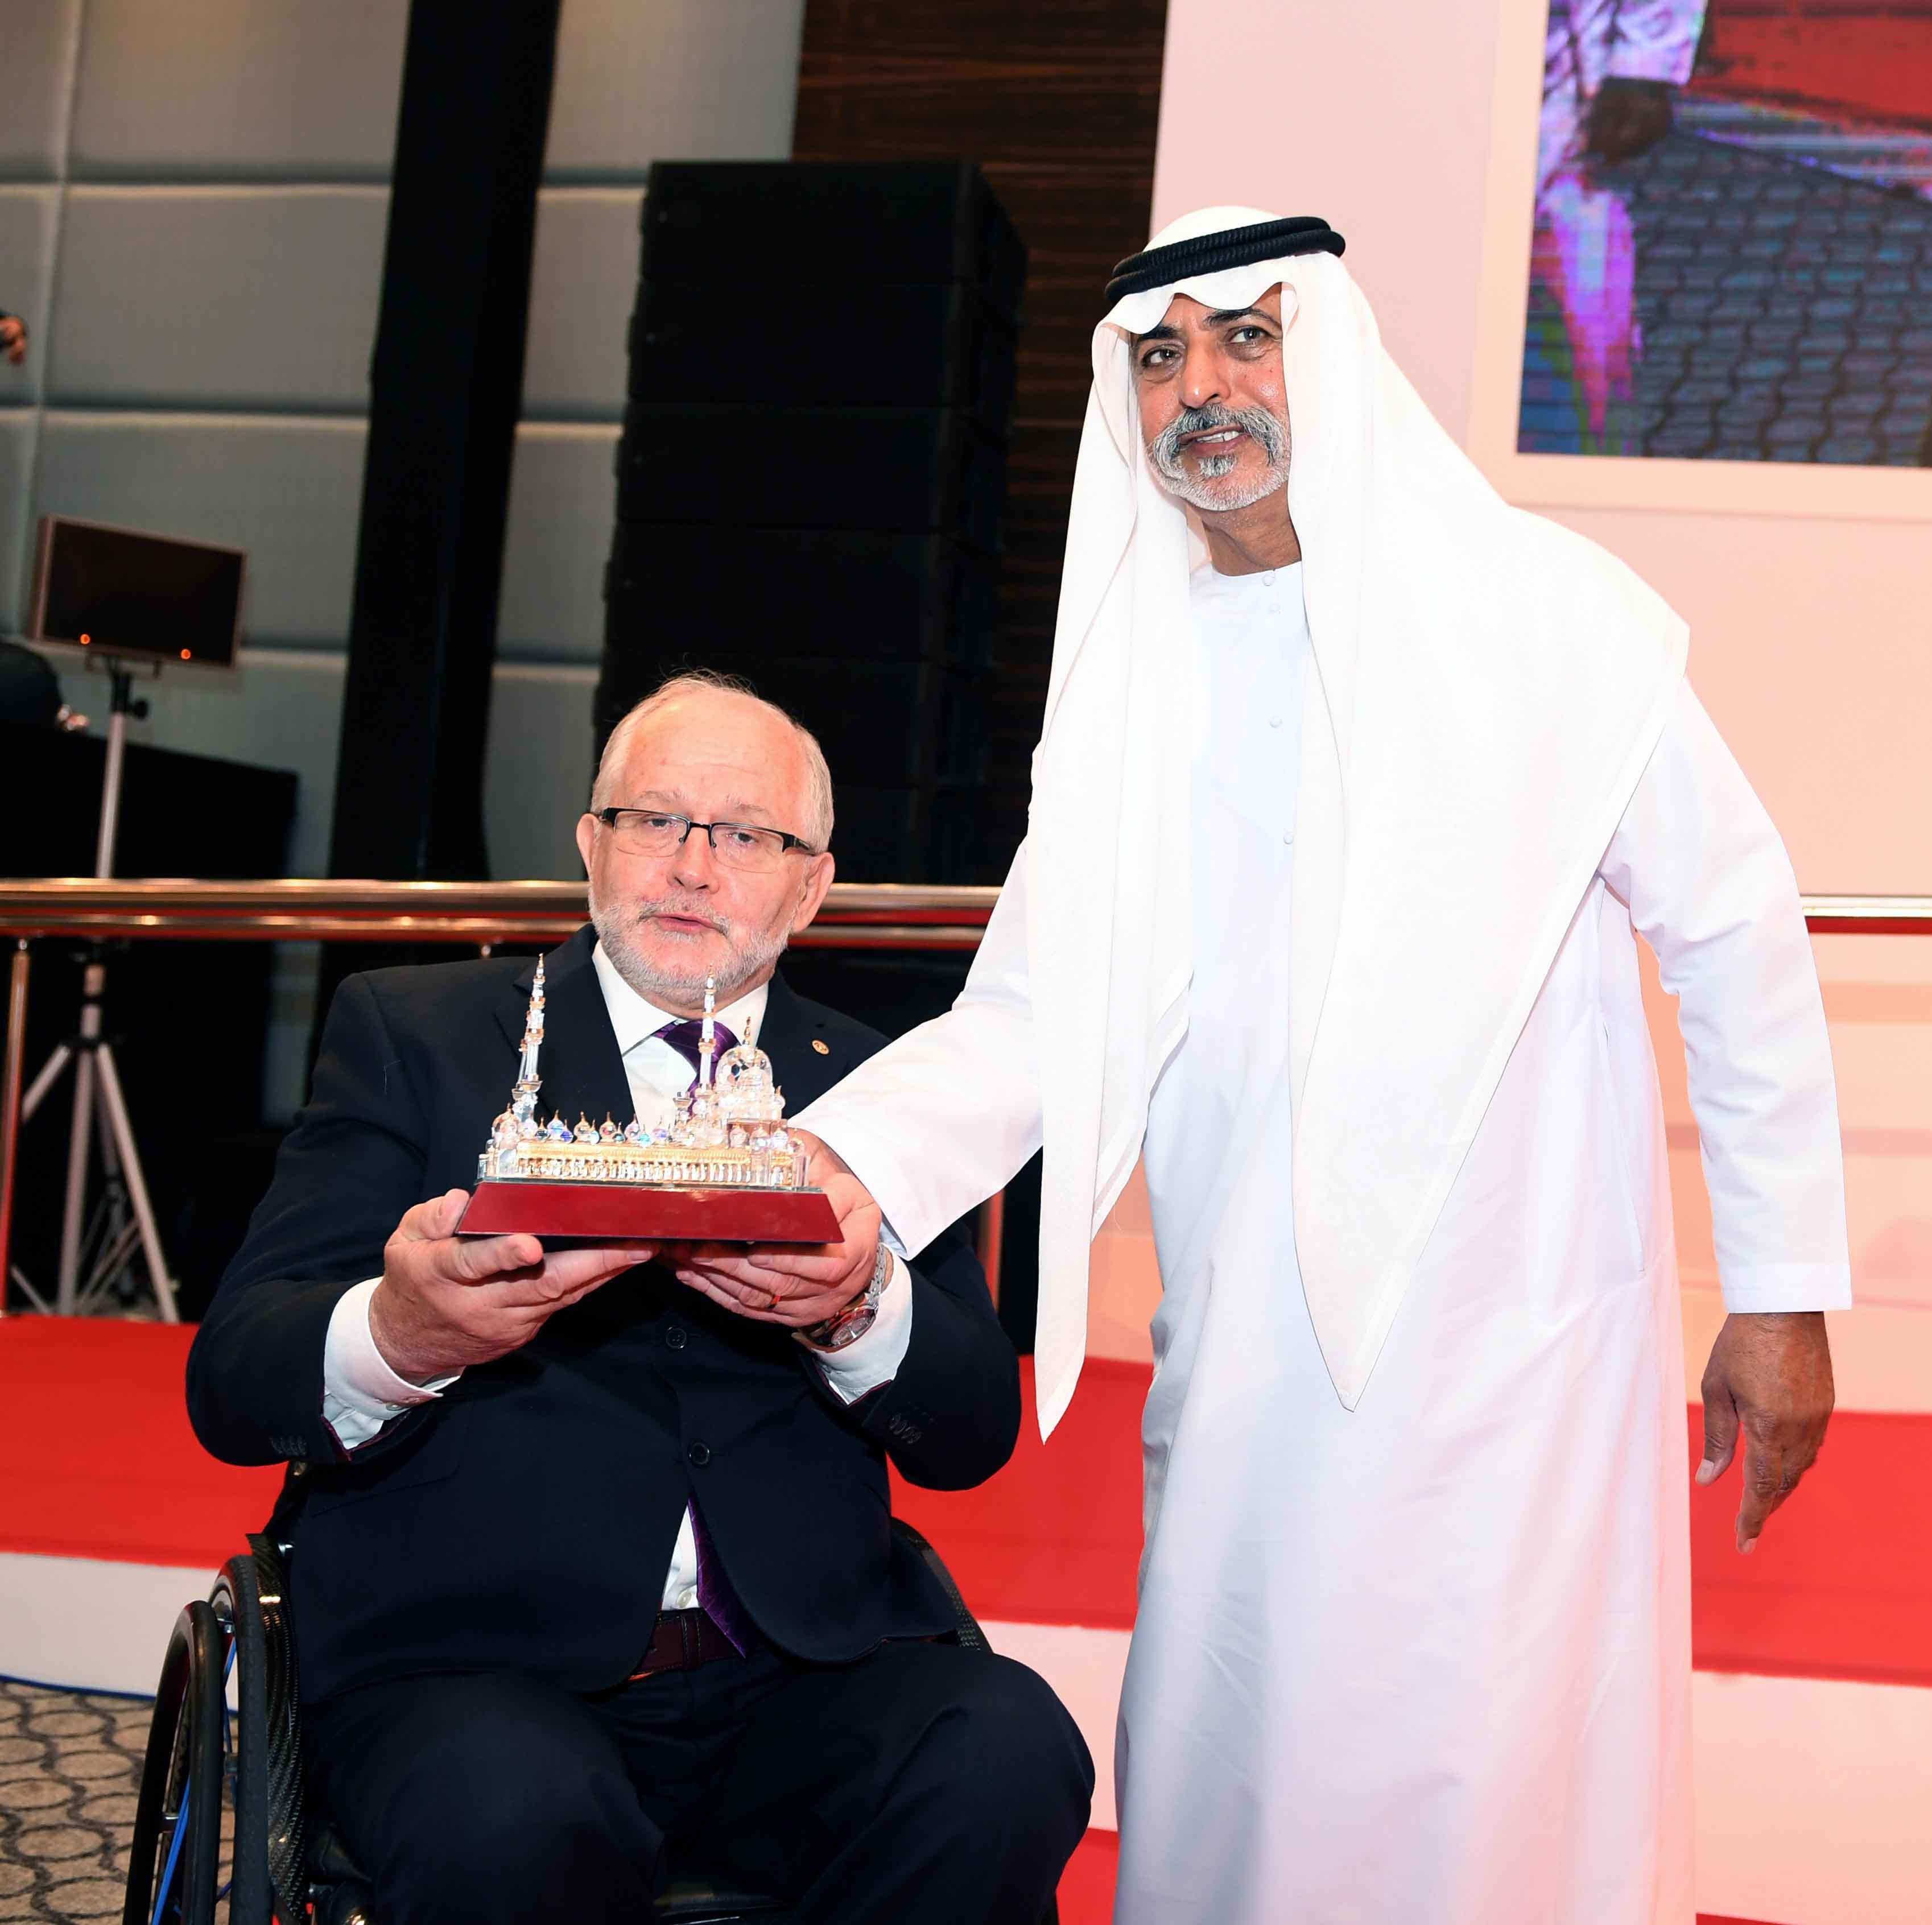 نهيان بن مبارك يفتتح فعاليات المؤتمر الدولي للجنة البارالمبية الدولية 3